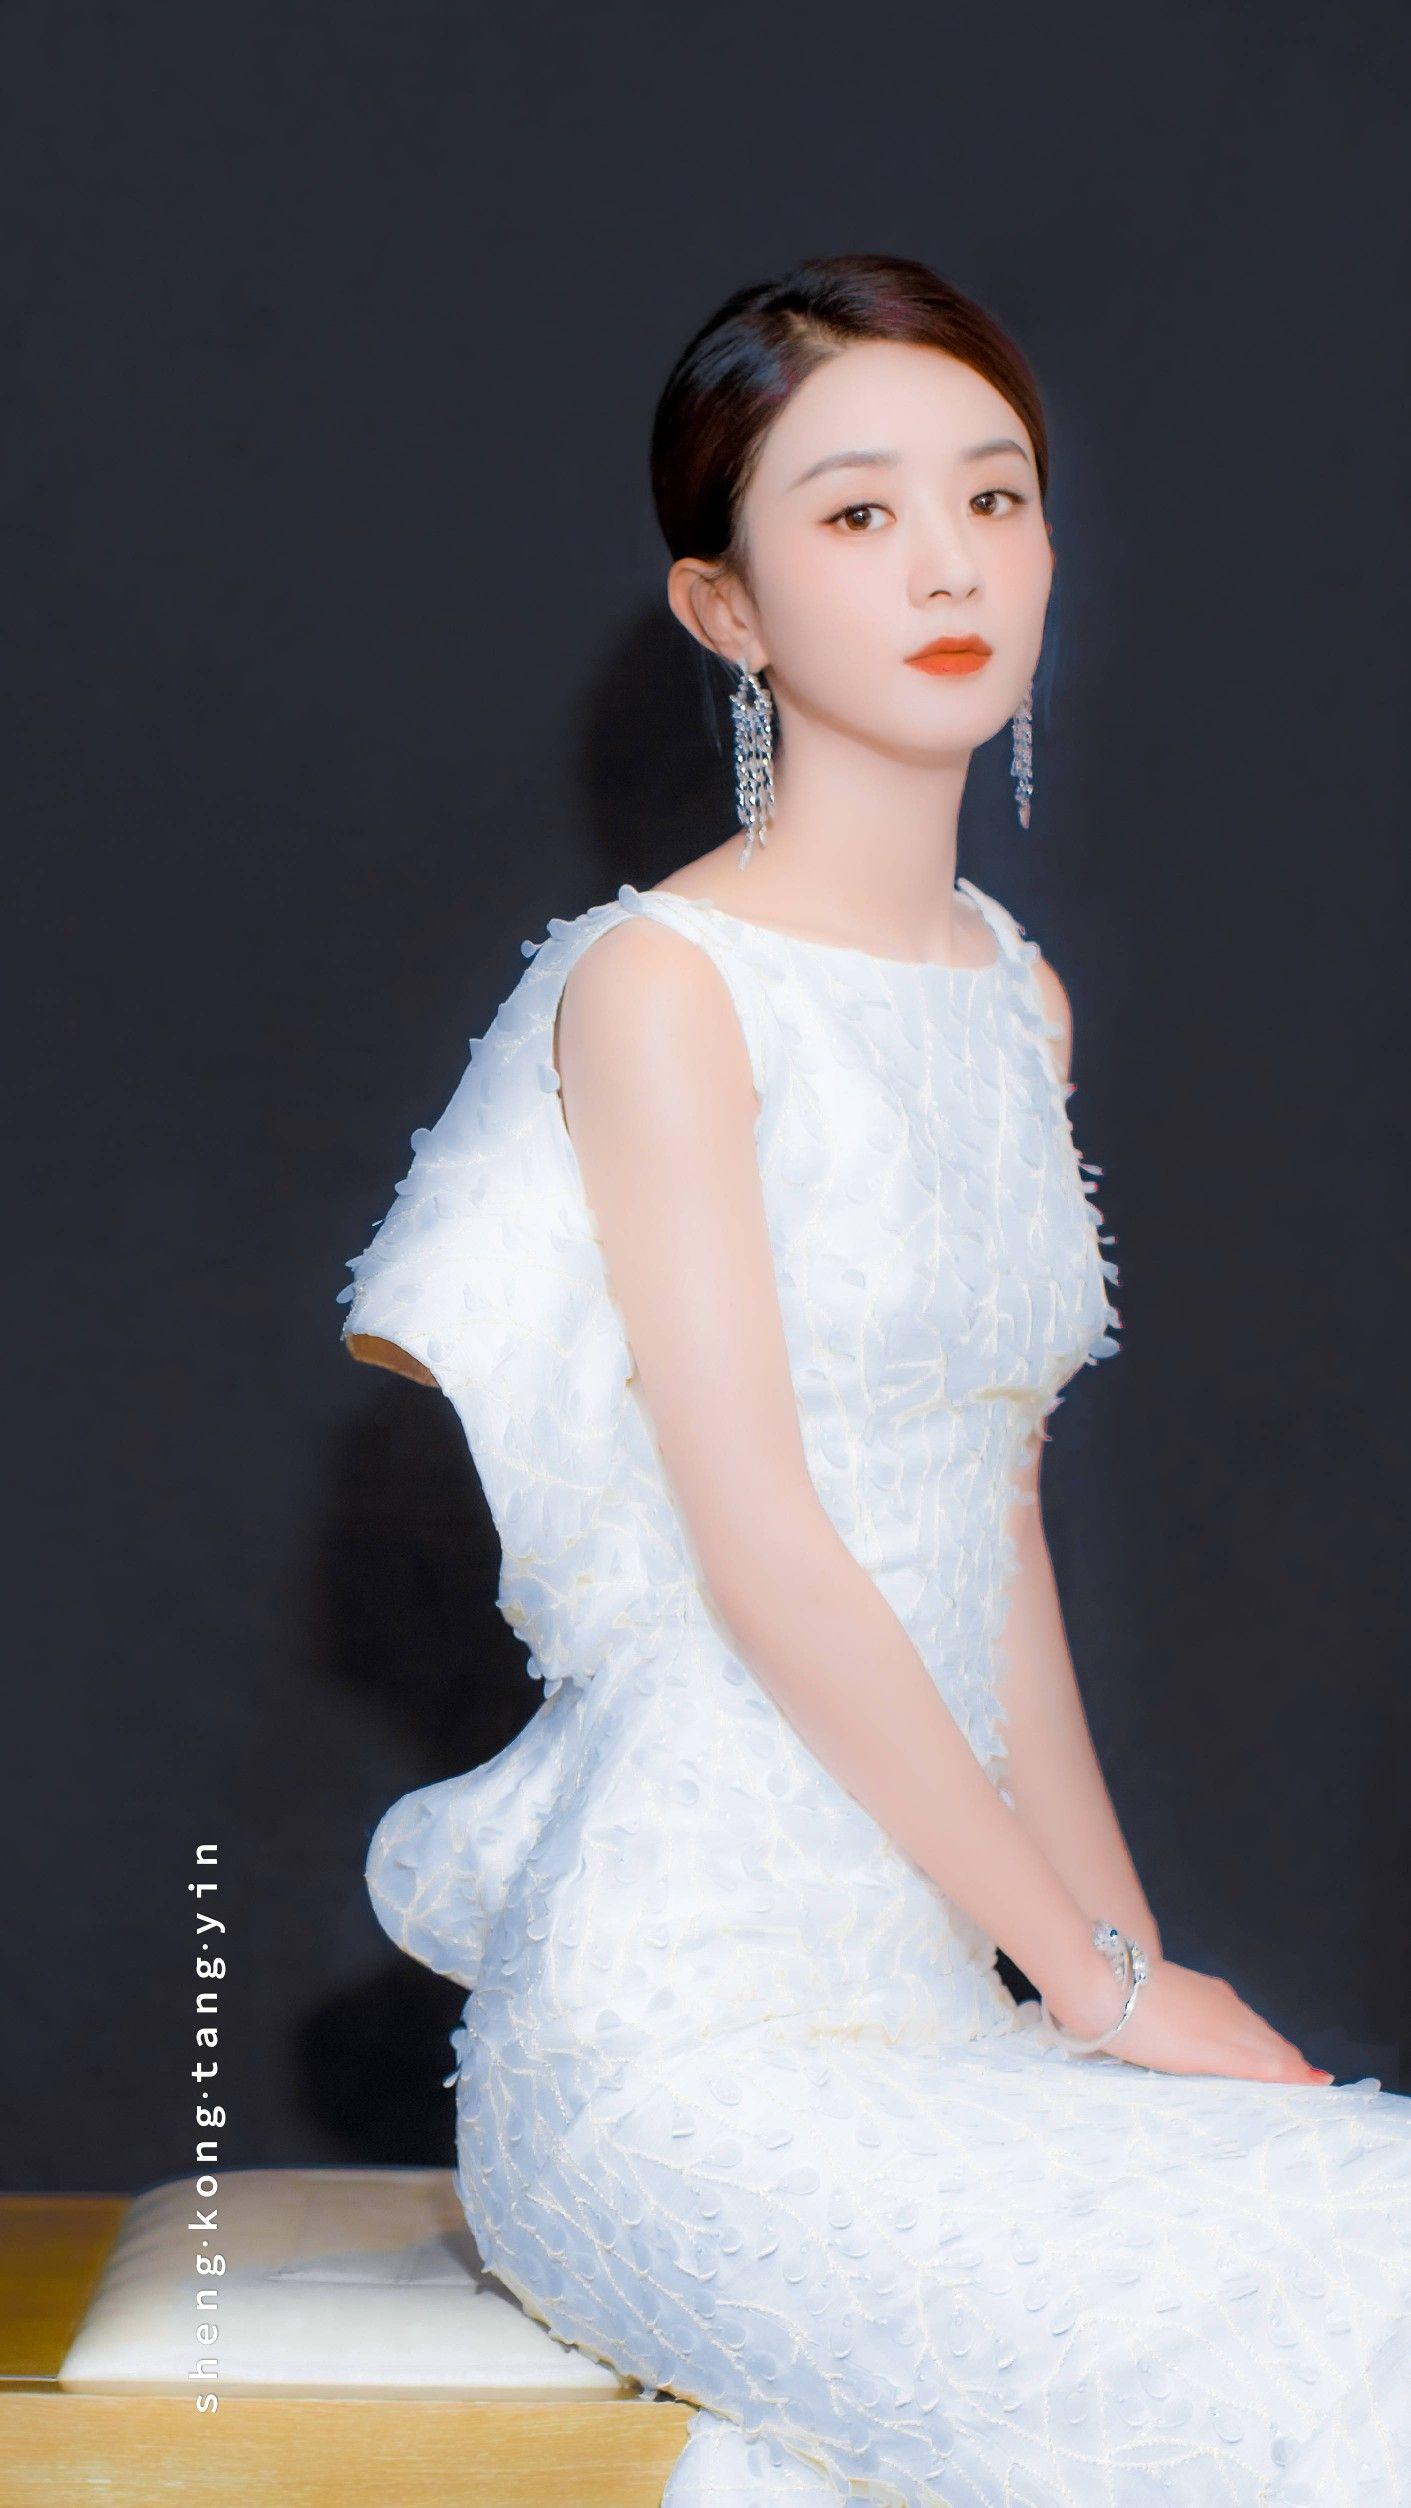 趙麗穎の画像 p1_32